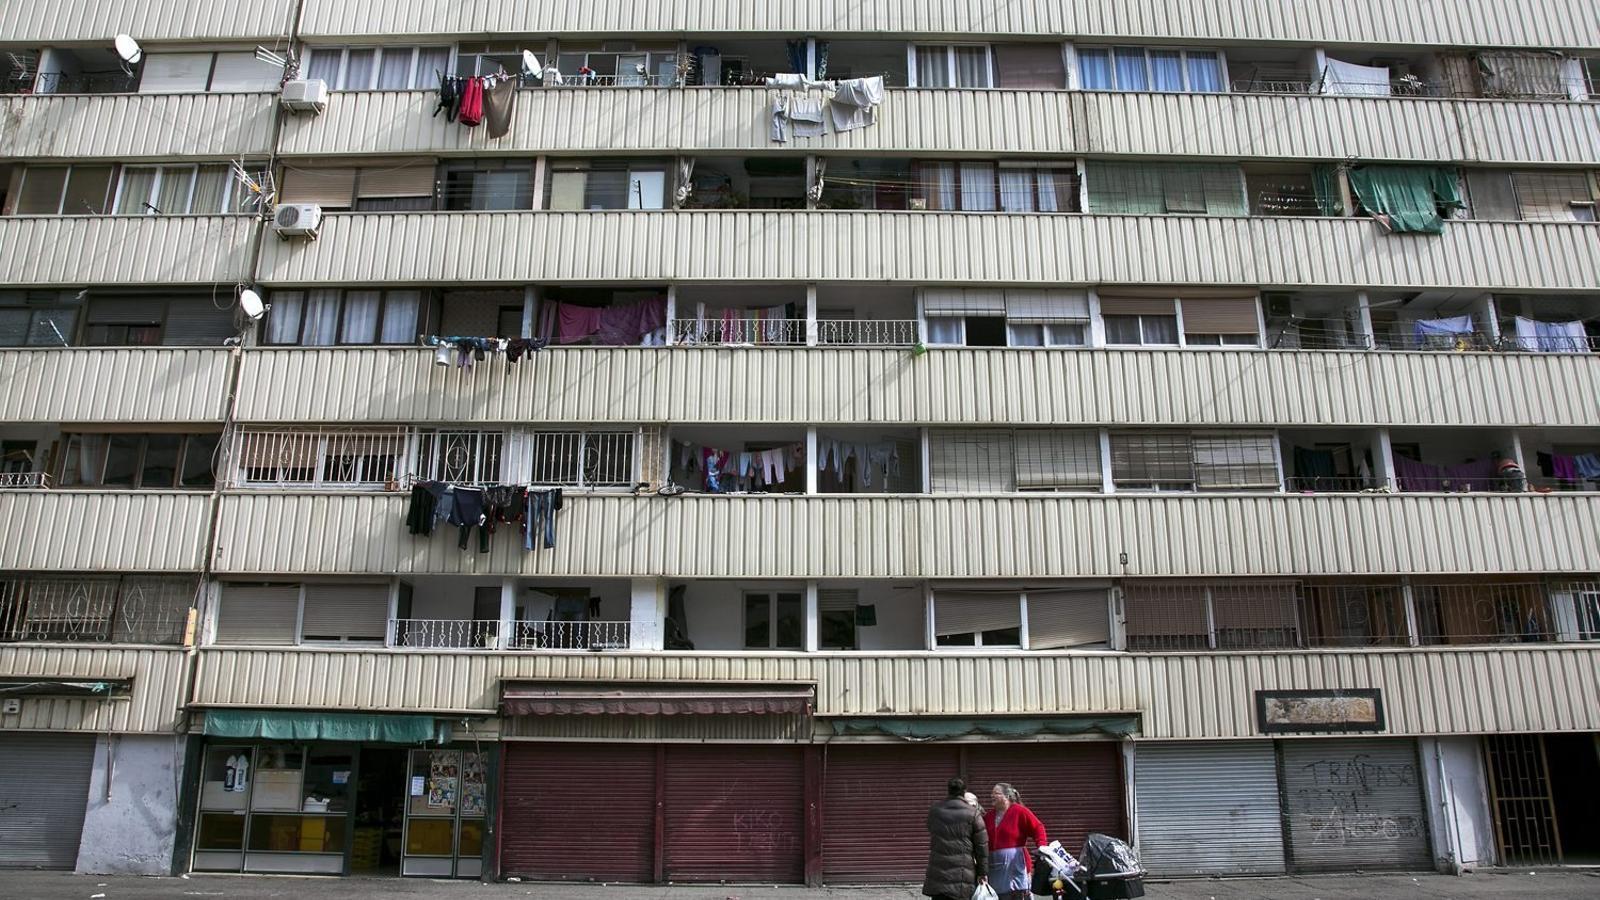 La vigilància d'edificis públics  a la Mina, en mans de clans locals